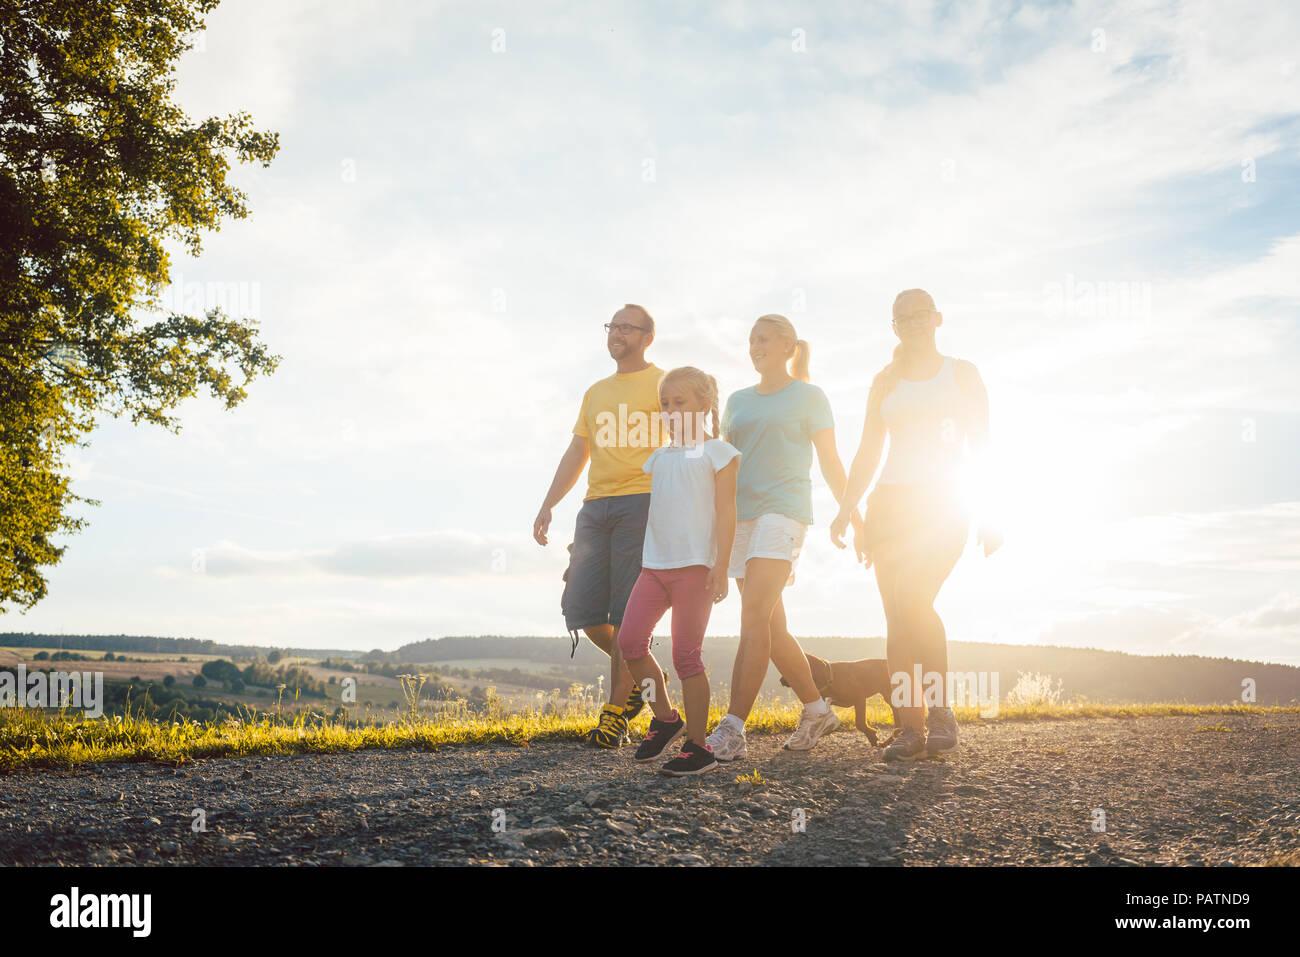 Familie in einem abendlichen Spaziergang mit dem Hund Stockbild